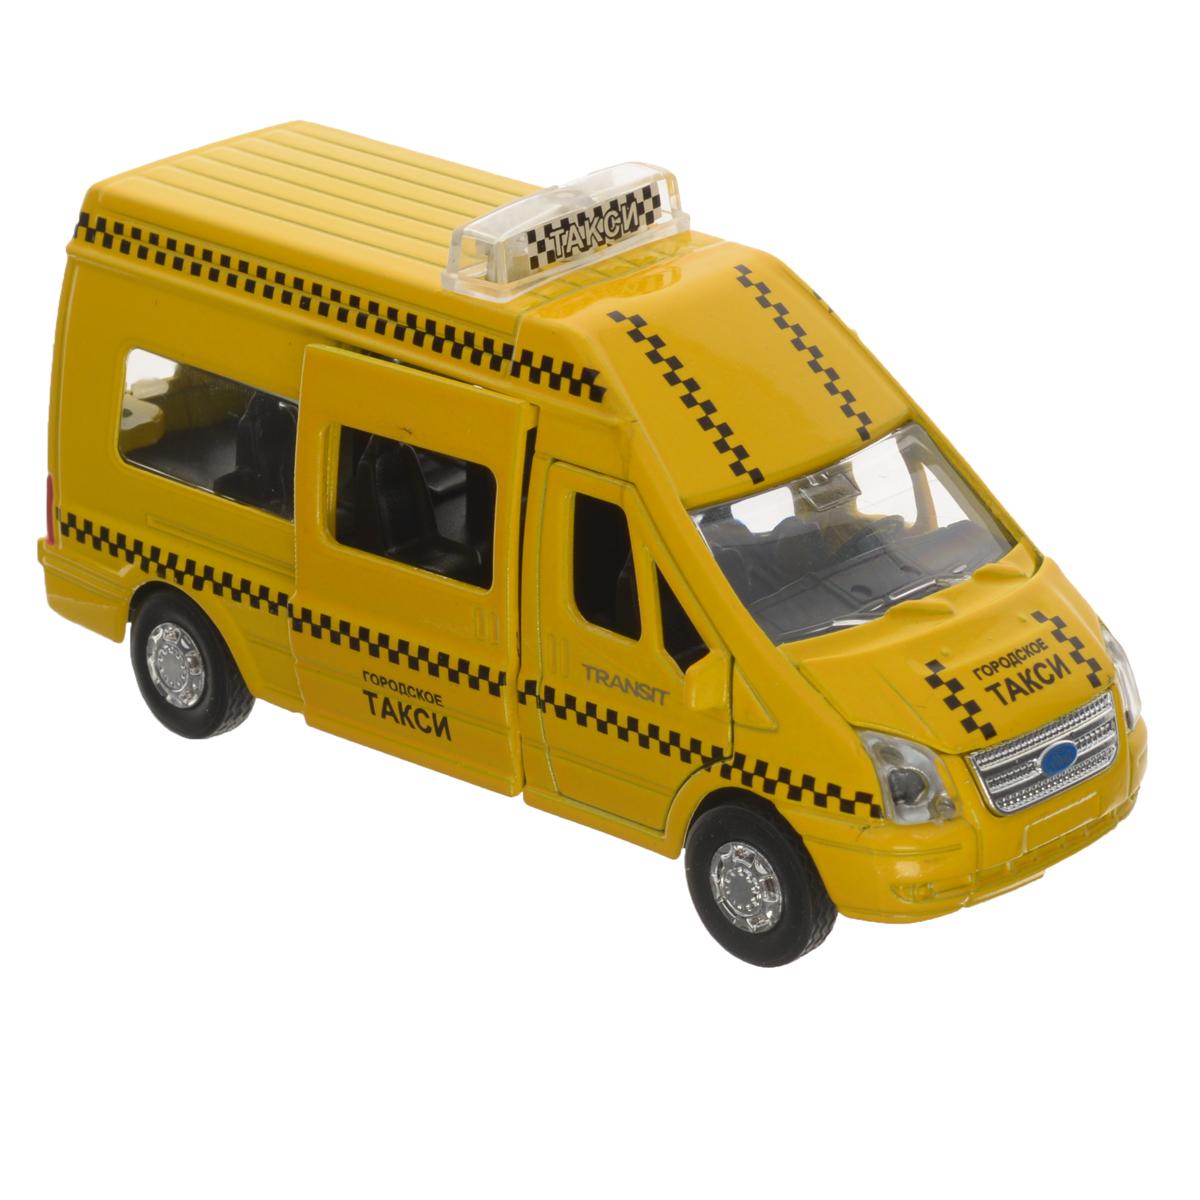 ТехноПарк Машинка инерционная Ford Transit ТаксиSB-13-02-4Инерционная машинка ТехноПарк Ford Transit: Такси, выполненная из пластика и металла, станет любимой игрушкой вашего малыша. Игрушка представляет собой модель автомобиля такси марки Ford Transit. У машинки открываются дверцы кабины, капот, боковая и задняя дверцы. При нажатии на капот модели замигают проблесковые маячки и раздастся звук работающего двигателя. Игрушка оснащена инерционным ходом. Машинку необходимо отвести назад, затем отпустить - и она быстро поедет вперед. Прорезиненные колеса обеспечивают надежное сцепление с любой гладкой поверхностью. Ваш ребенок будет часами играть с этой машинкой, придумывая различные истории. Порадуйте его таким замечательным подарком! Машинка работает от батареек (товар комплектуется демонстрационными).